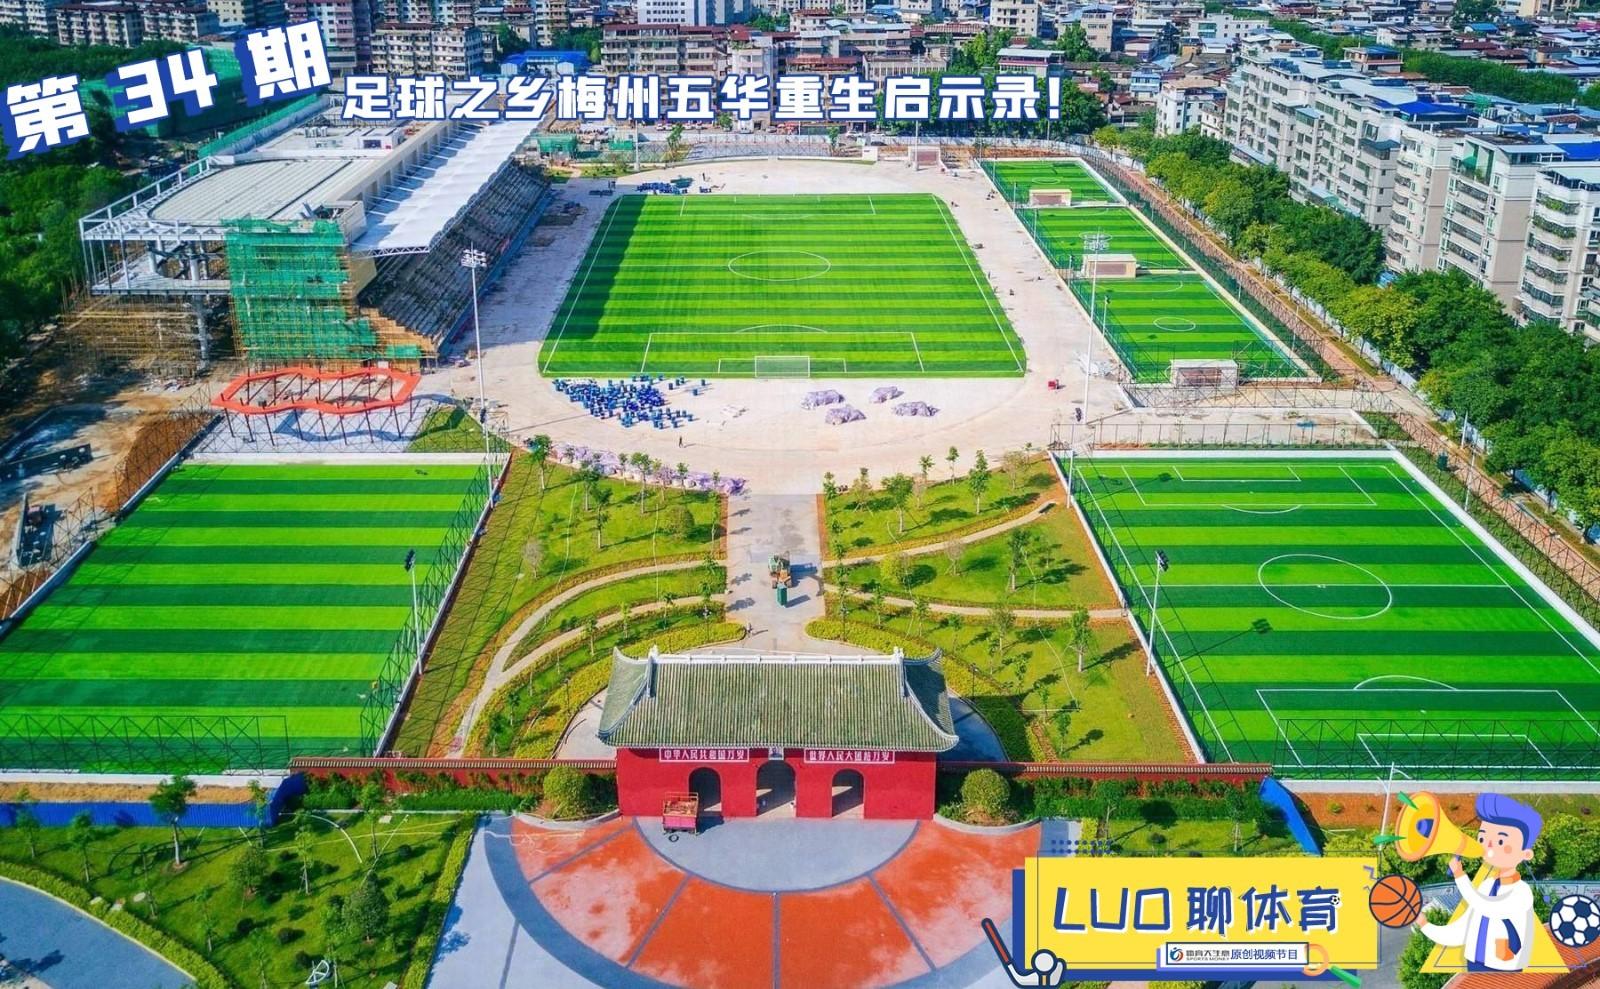 罗聊体育第34期:足球之乡梅州五华重生启示录!